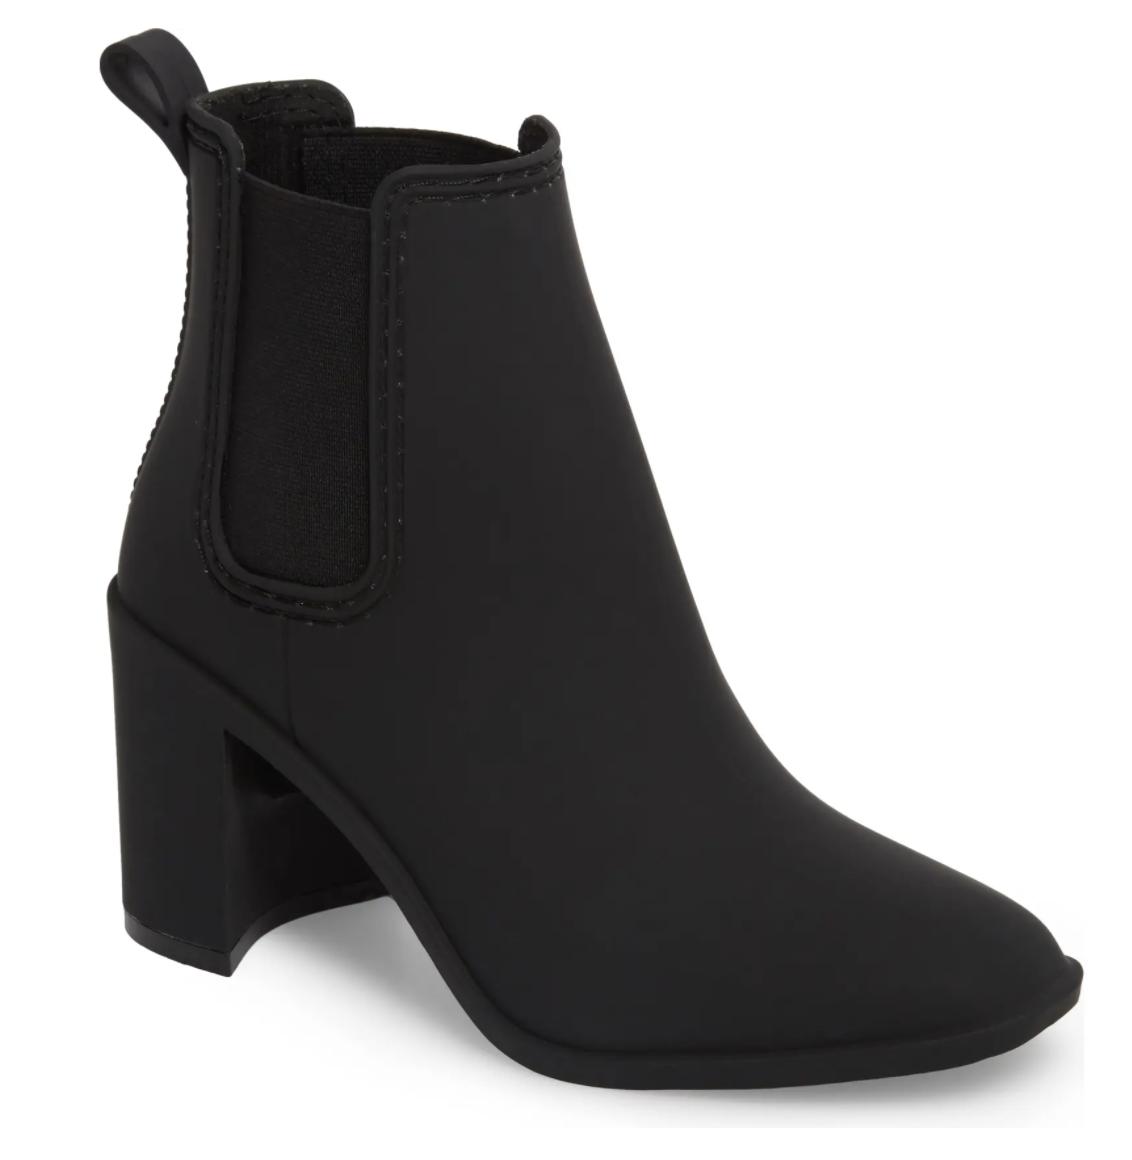 black waterproof boots women